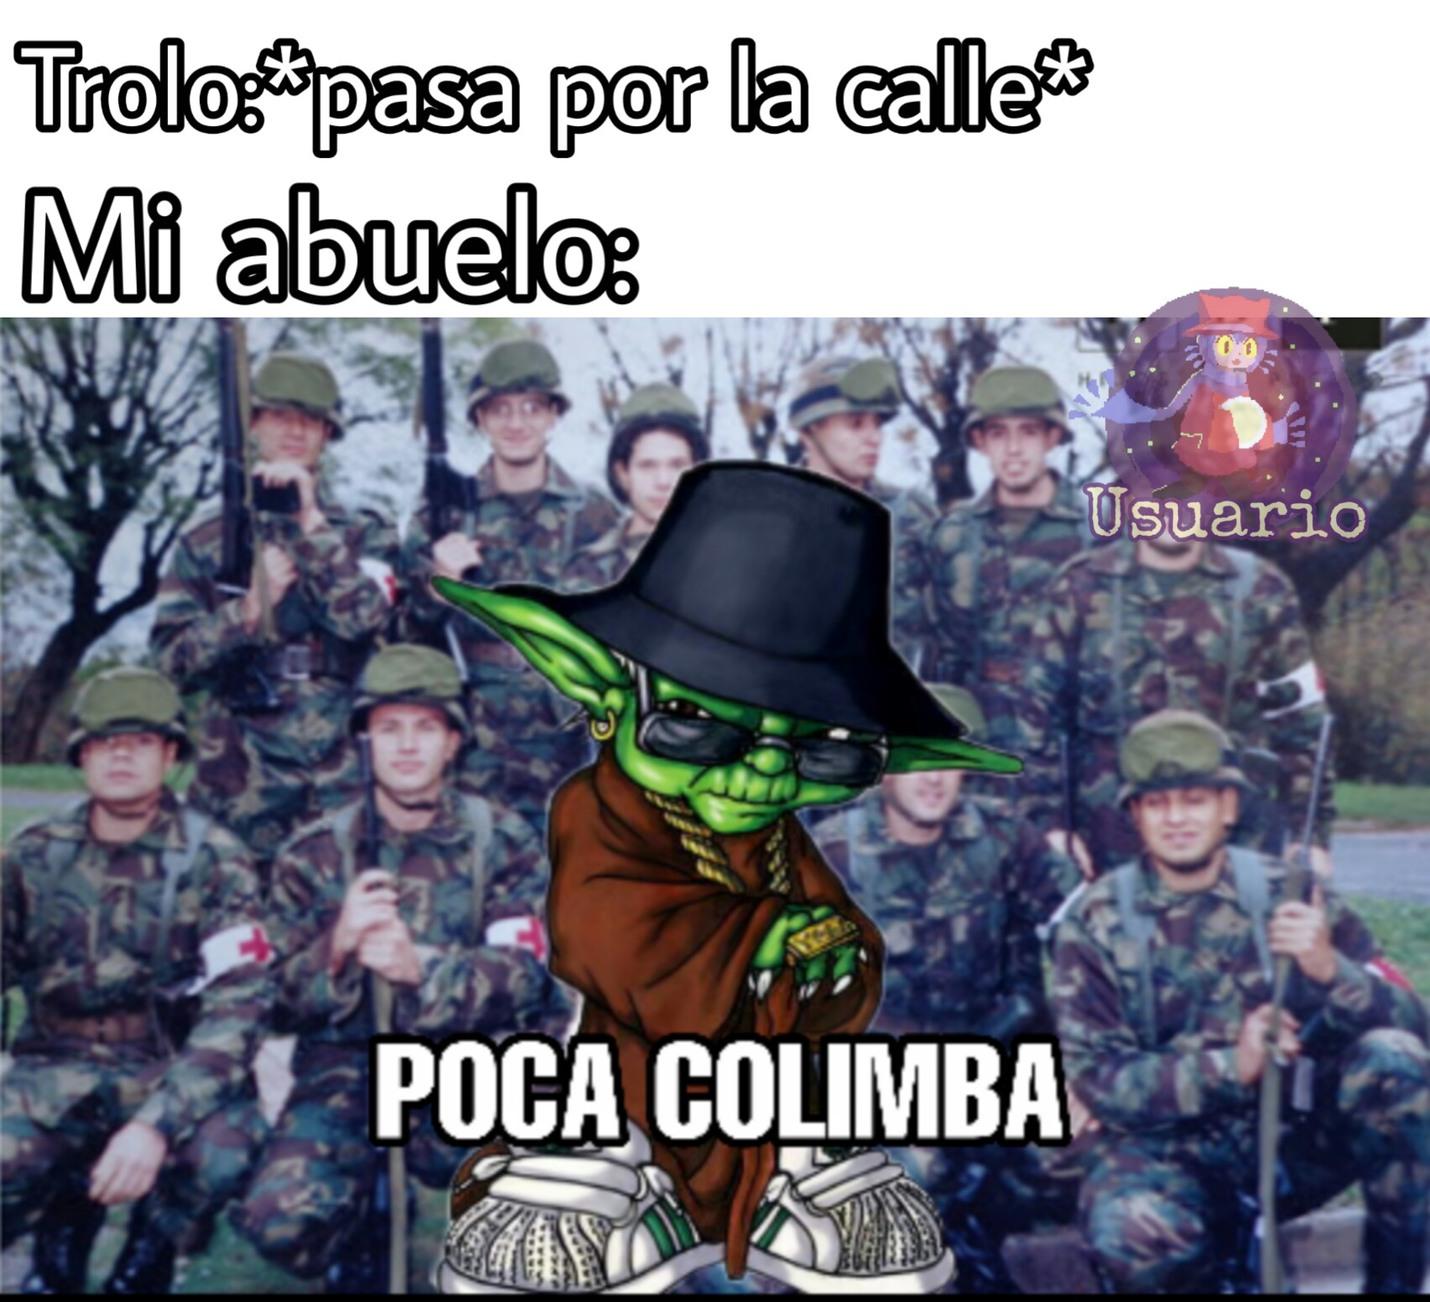 Gauchito Gil. - meme